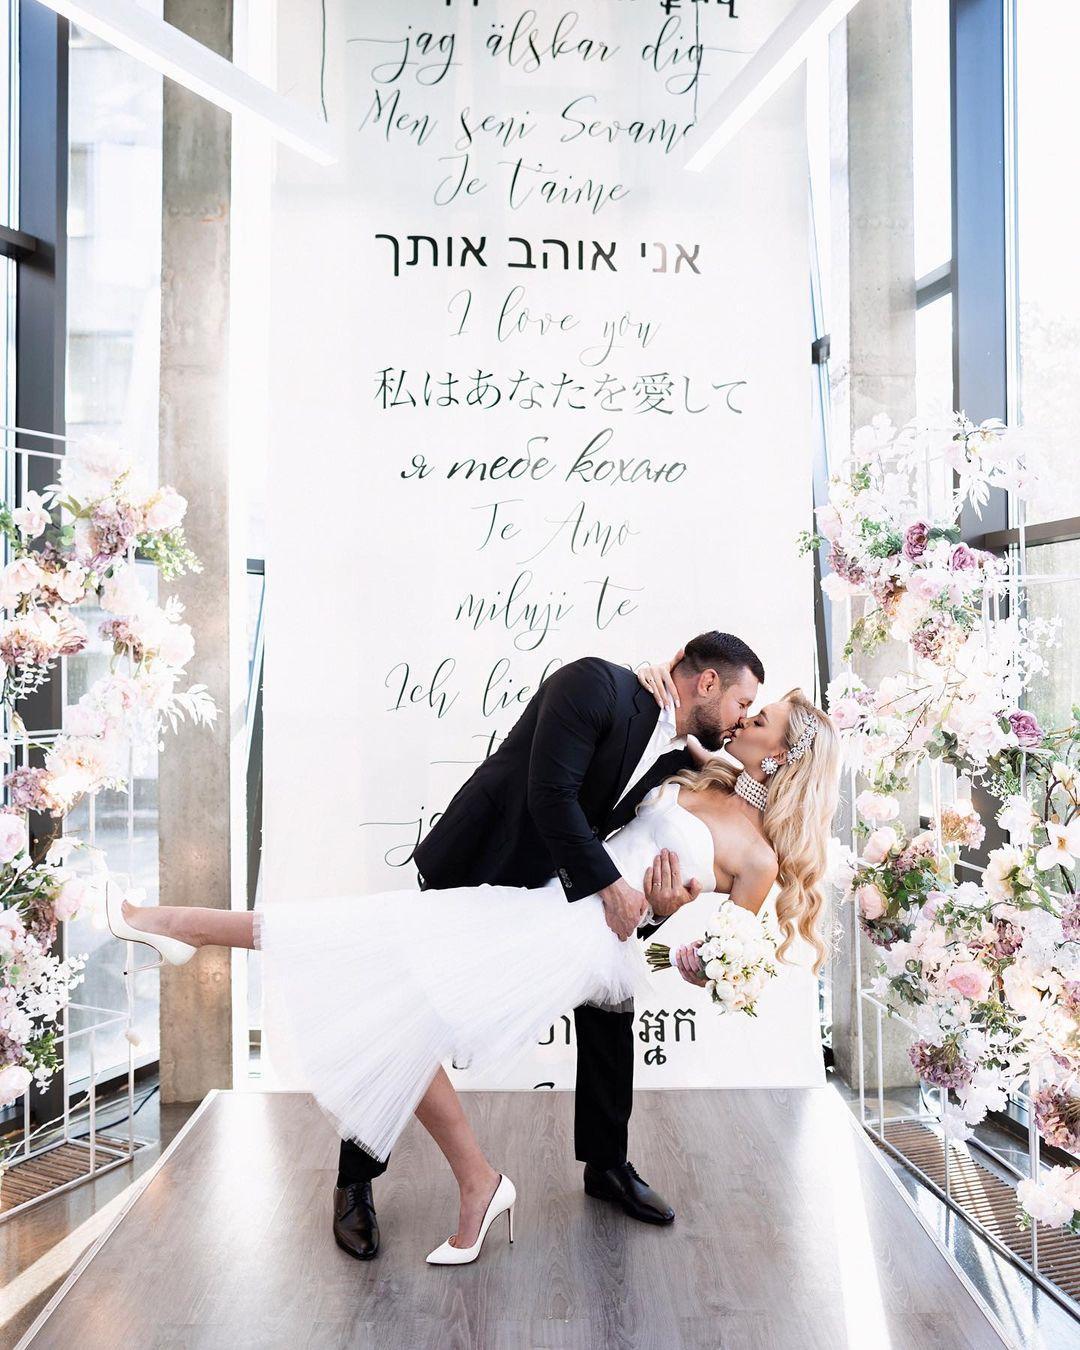 Модель вышла замуж / instagram.com/karinazhosanofficial